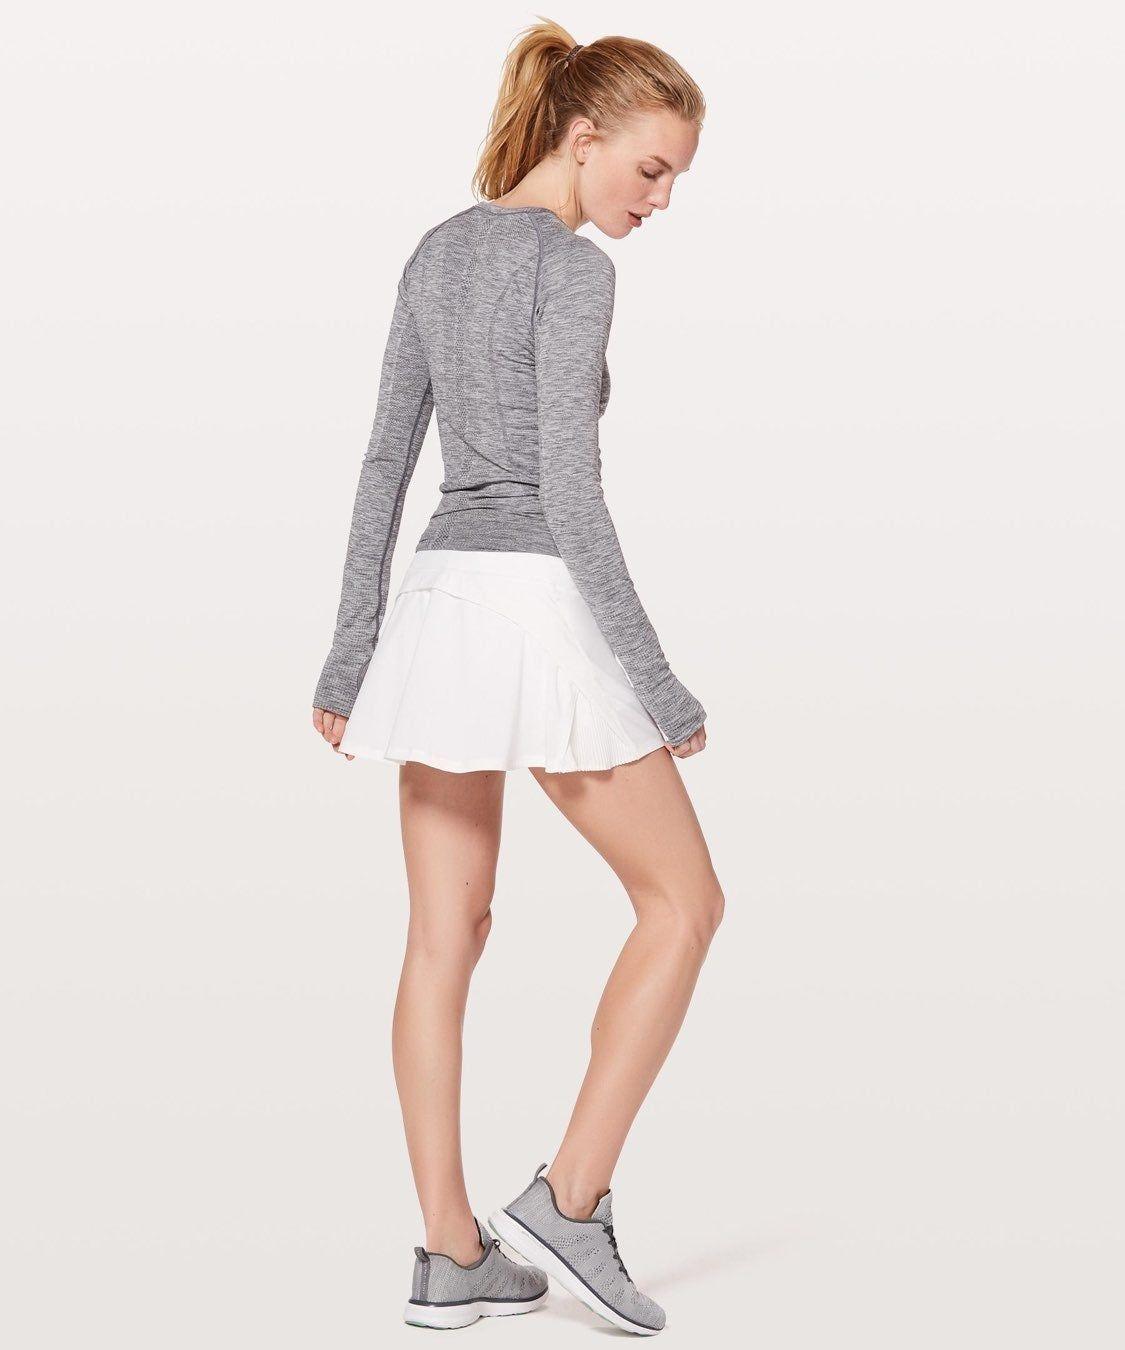 Lululemon Tennis Skirt Color White Size 4 Lululemon White Tennis Skirt Ruffle Hem Back Zipper Pocket Not Sur White Tennis Skirt Womens Skirt Tennis Skirt